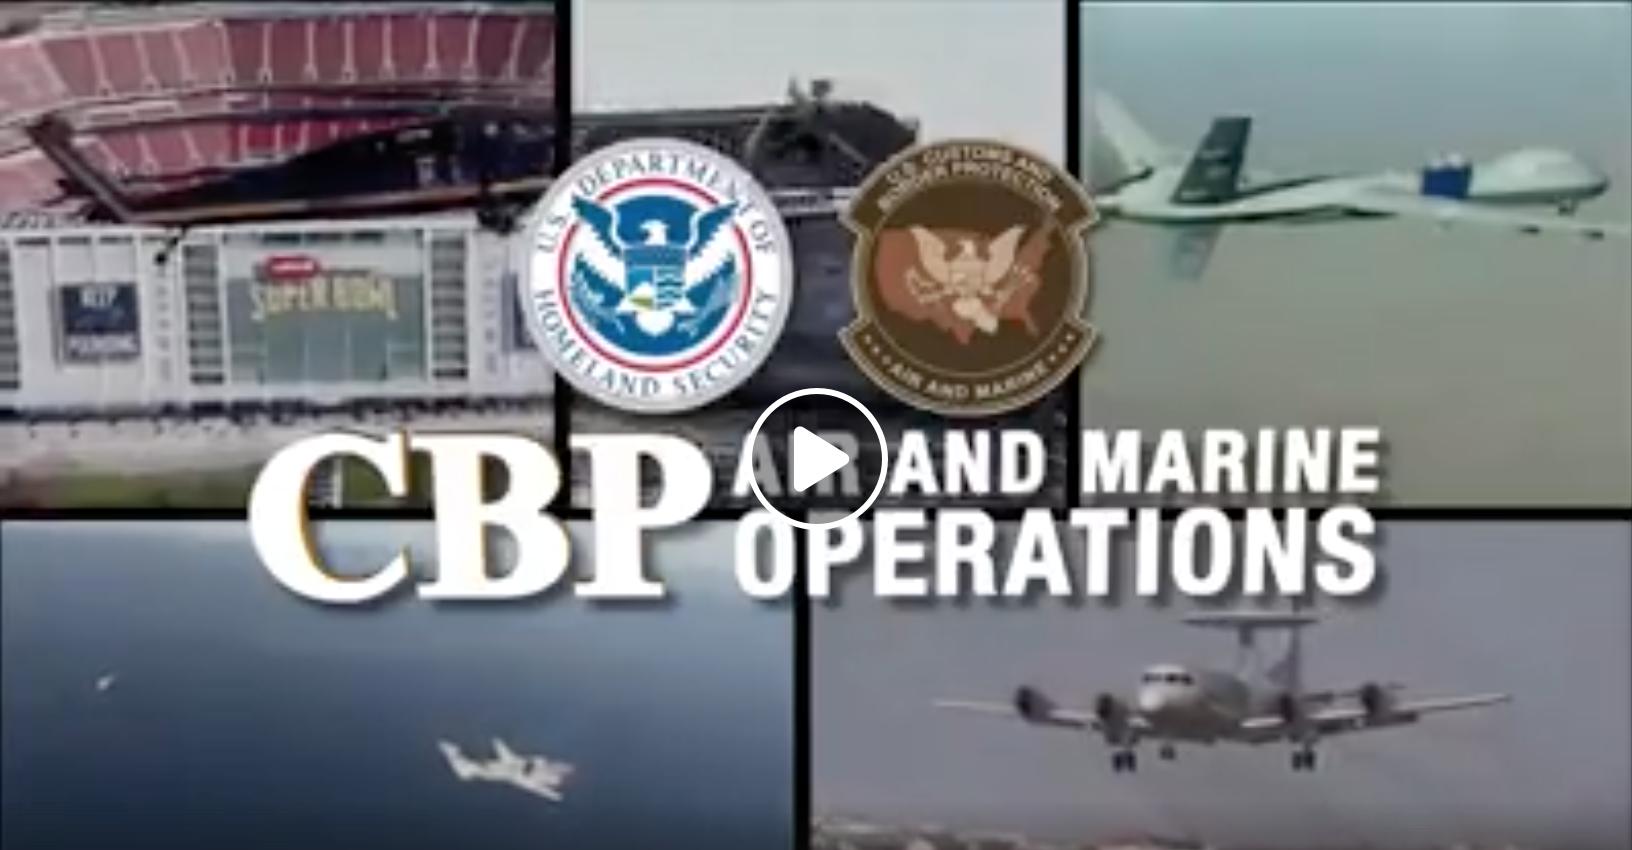 Join U.S. CBP AMO Now!